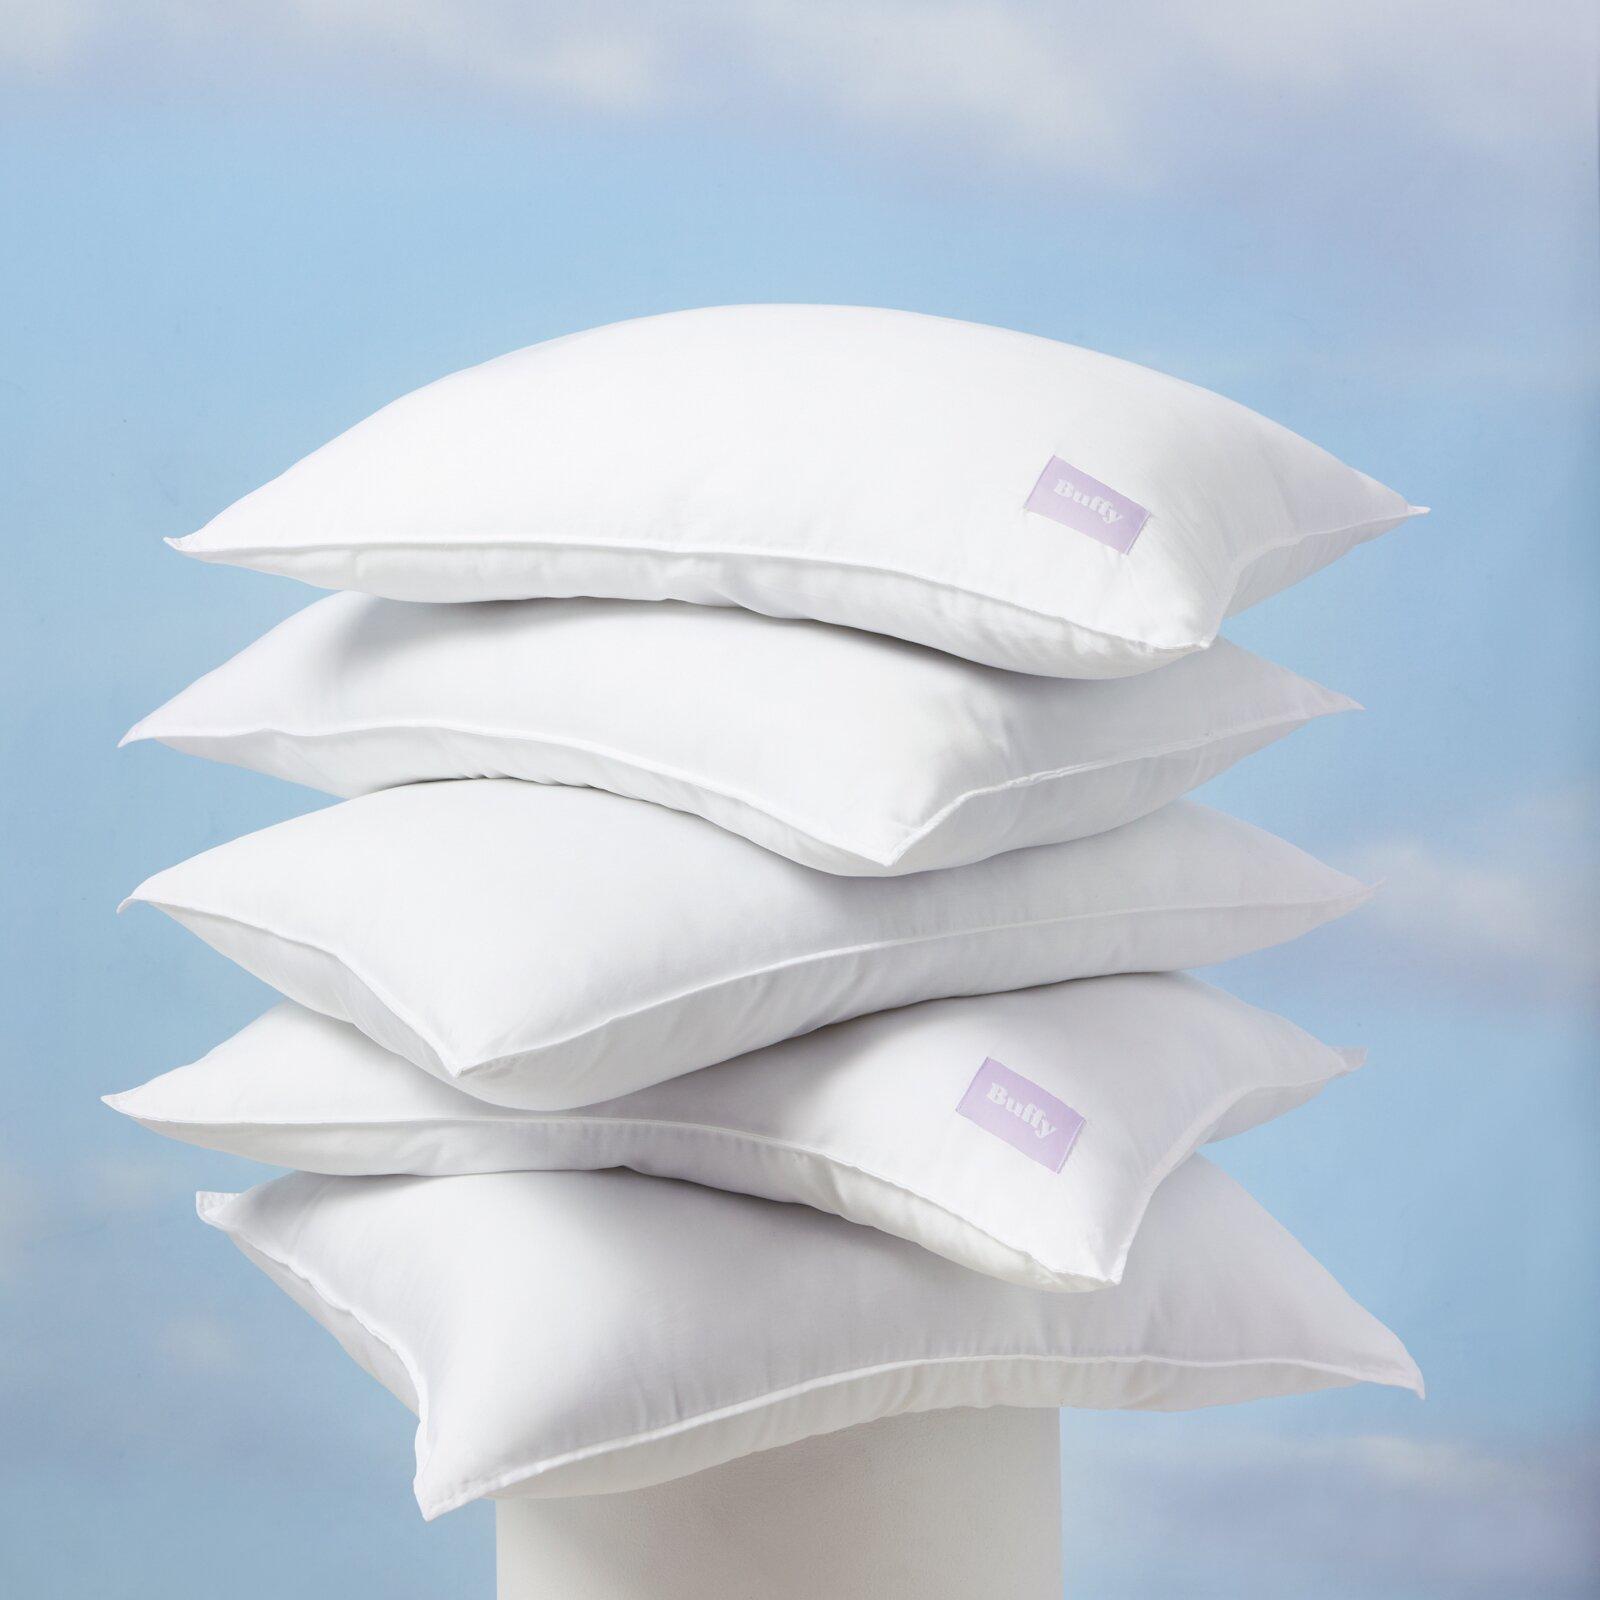 buffy cloud pillow by buffy dwell